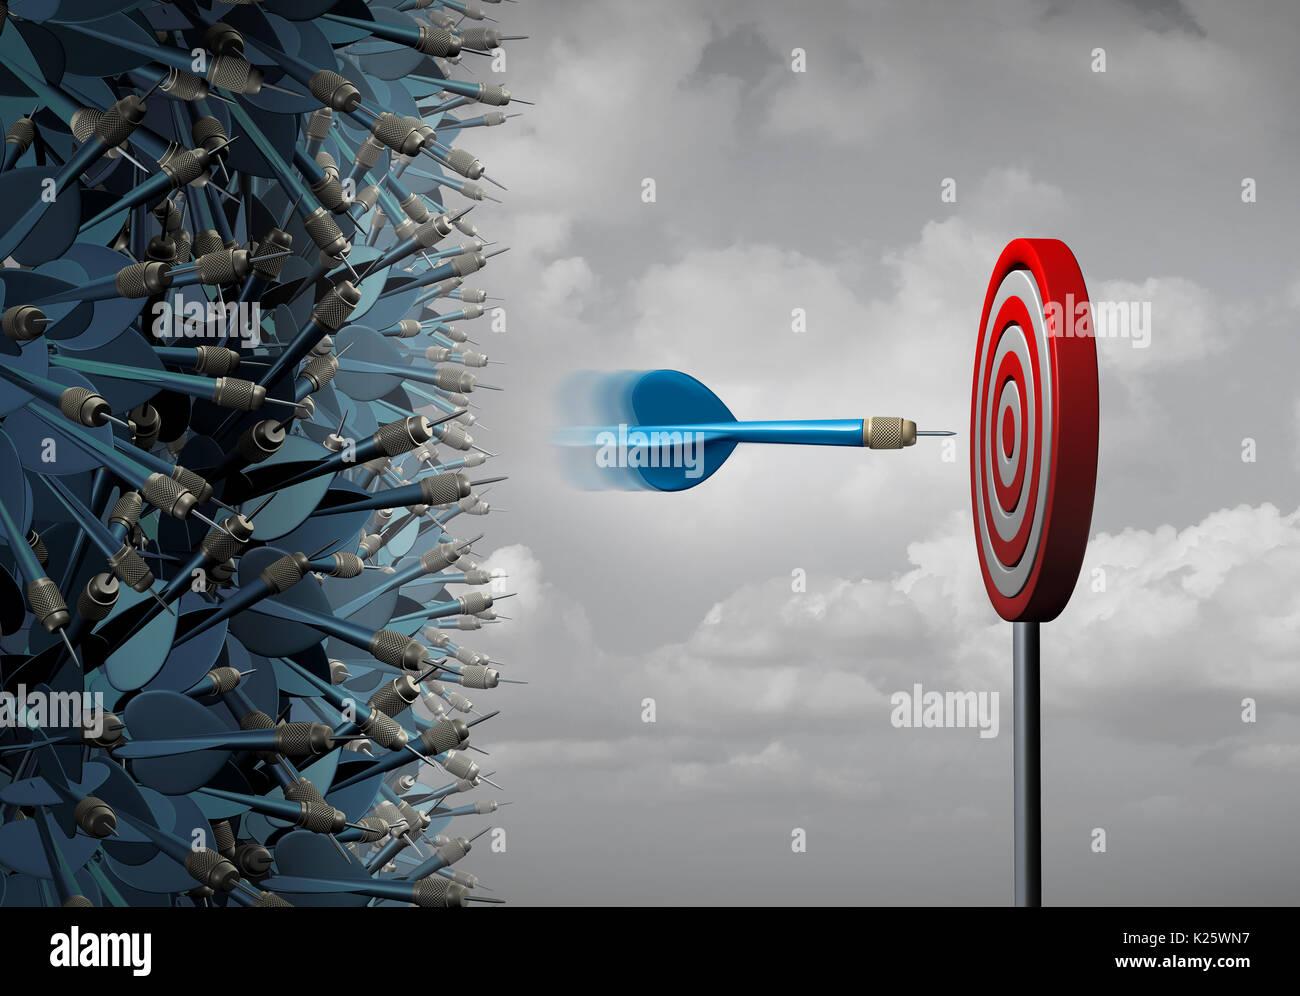 El enfoque de negocios éxito como un grupo de pérdida de dardos y un experto DART se centran en un objetivo como una determinación precisa metáfora. Imagen De Stock